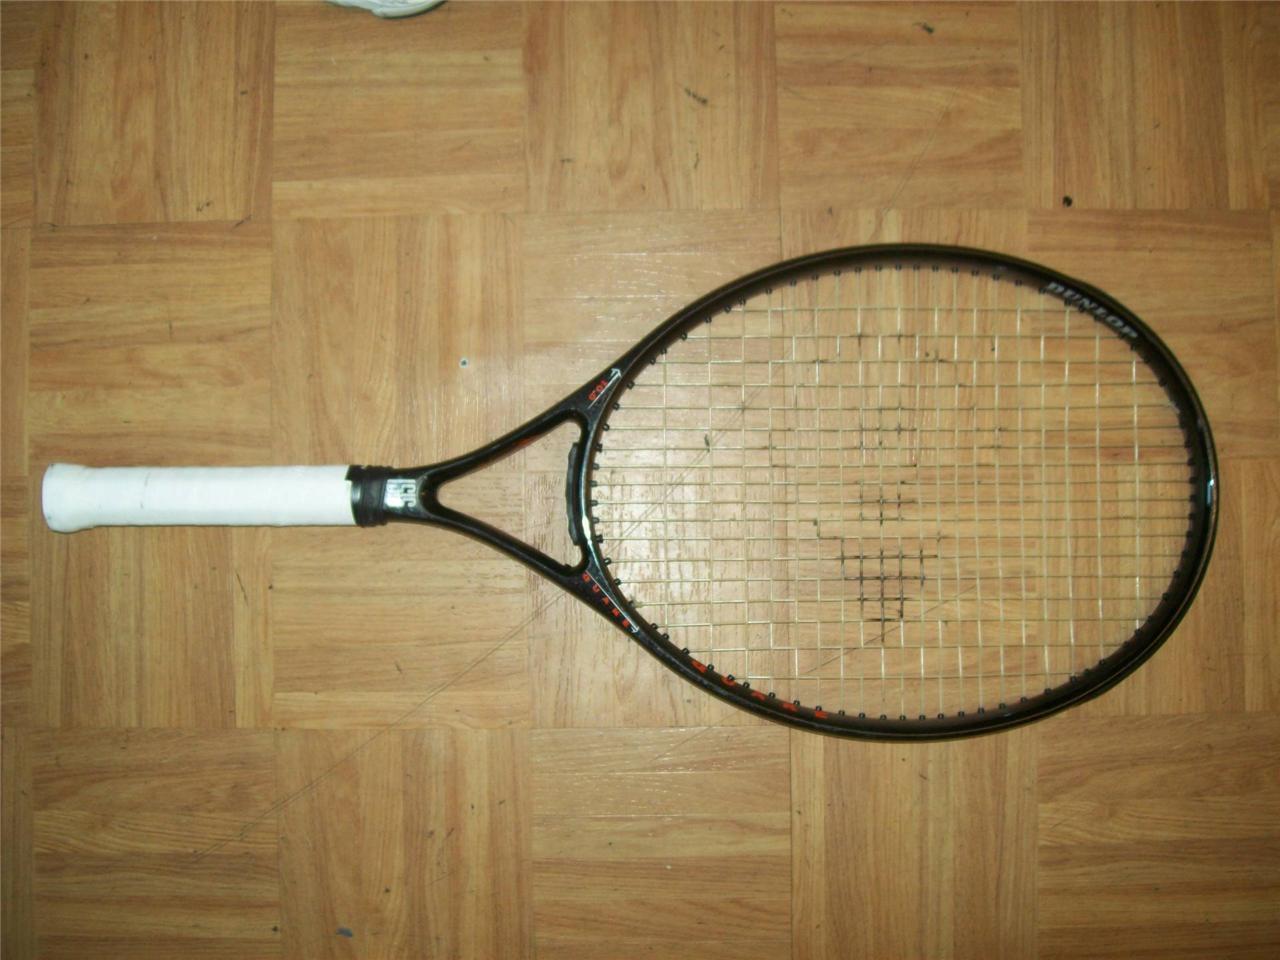 Dunlop Quake ISIS 10.0 Oversize 4 1 8 grip Tennis Racquet